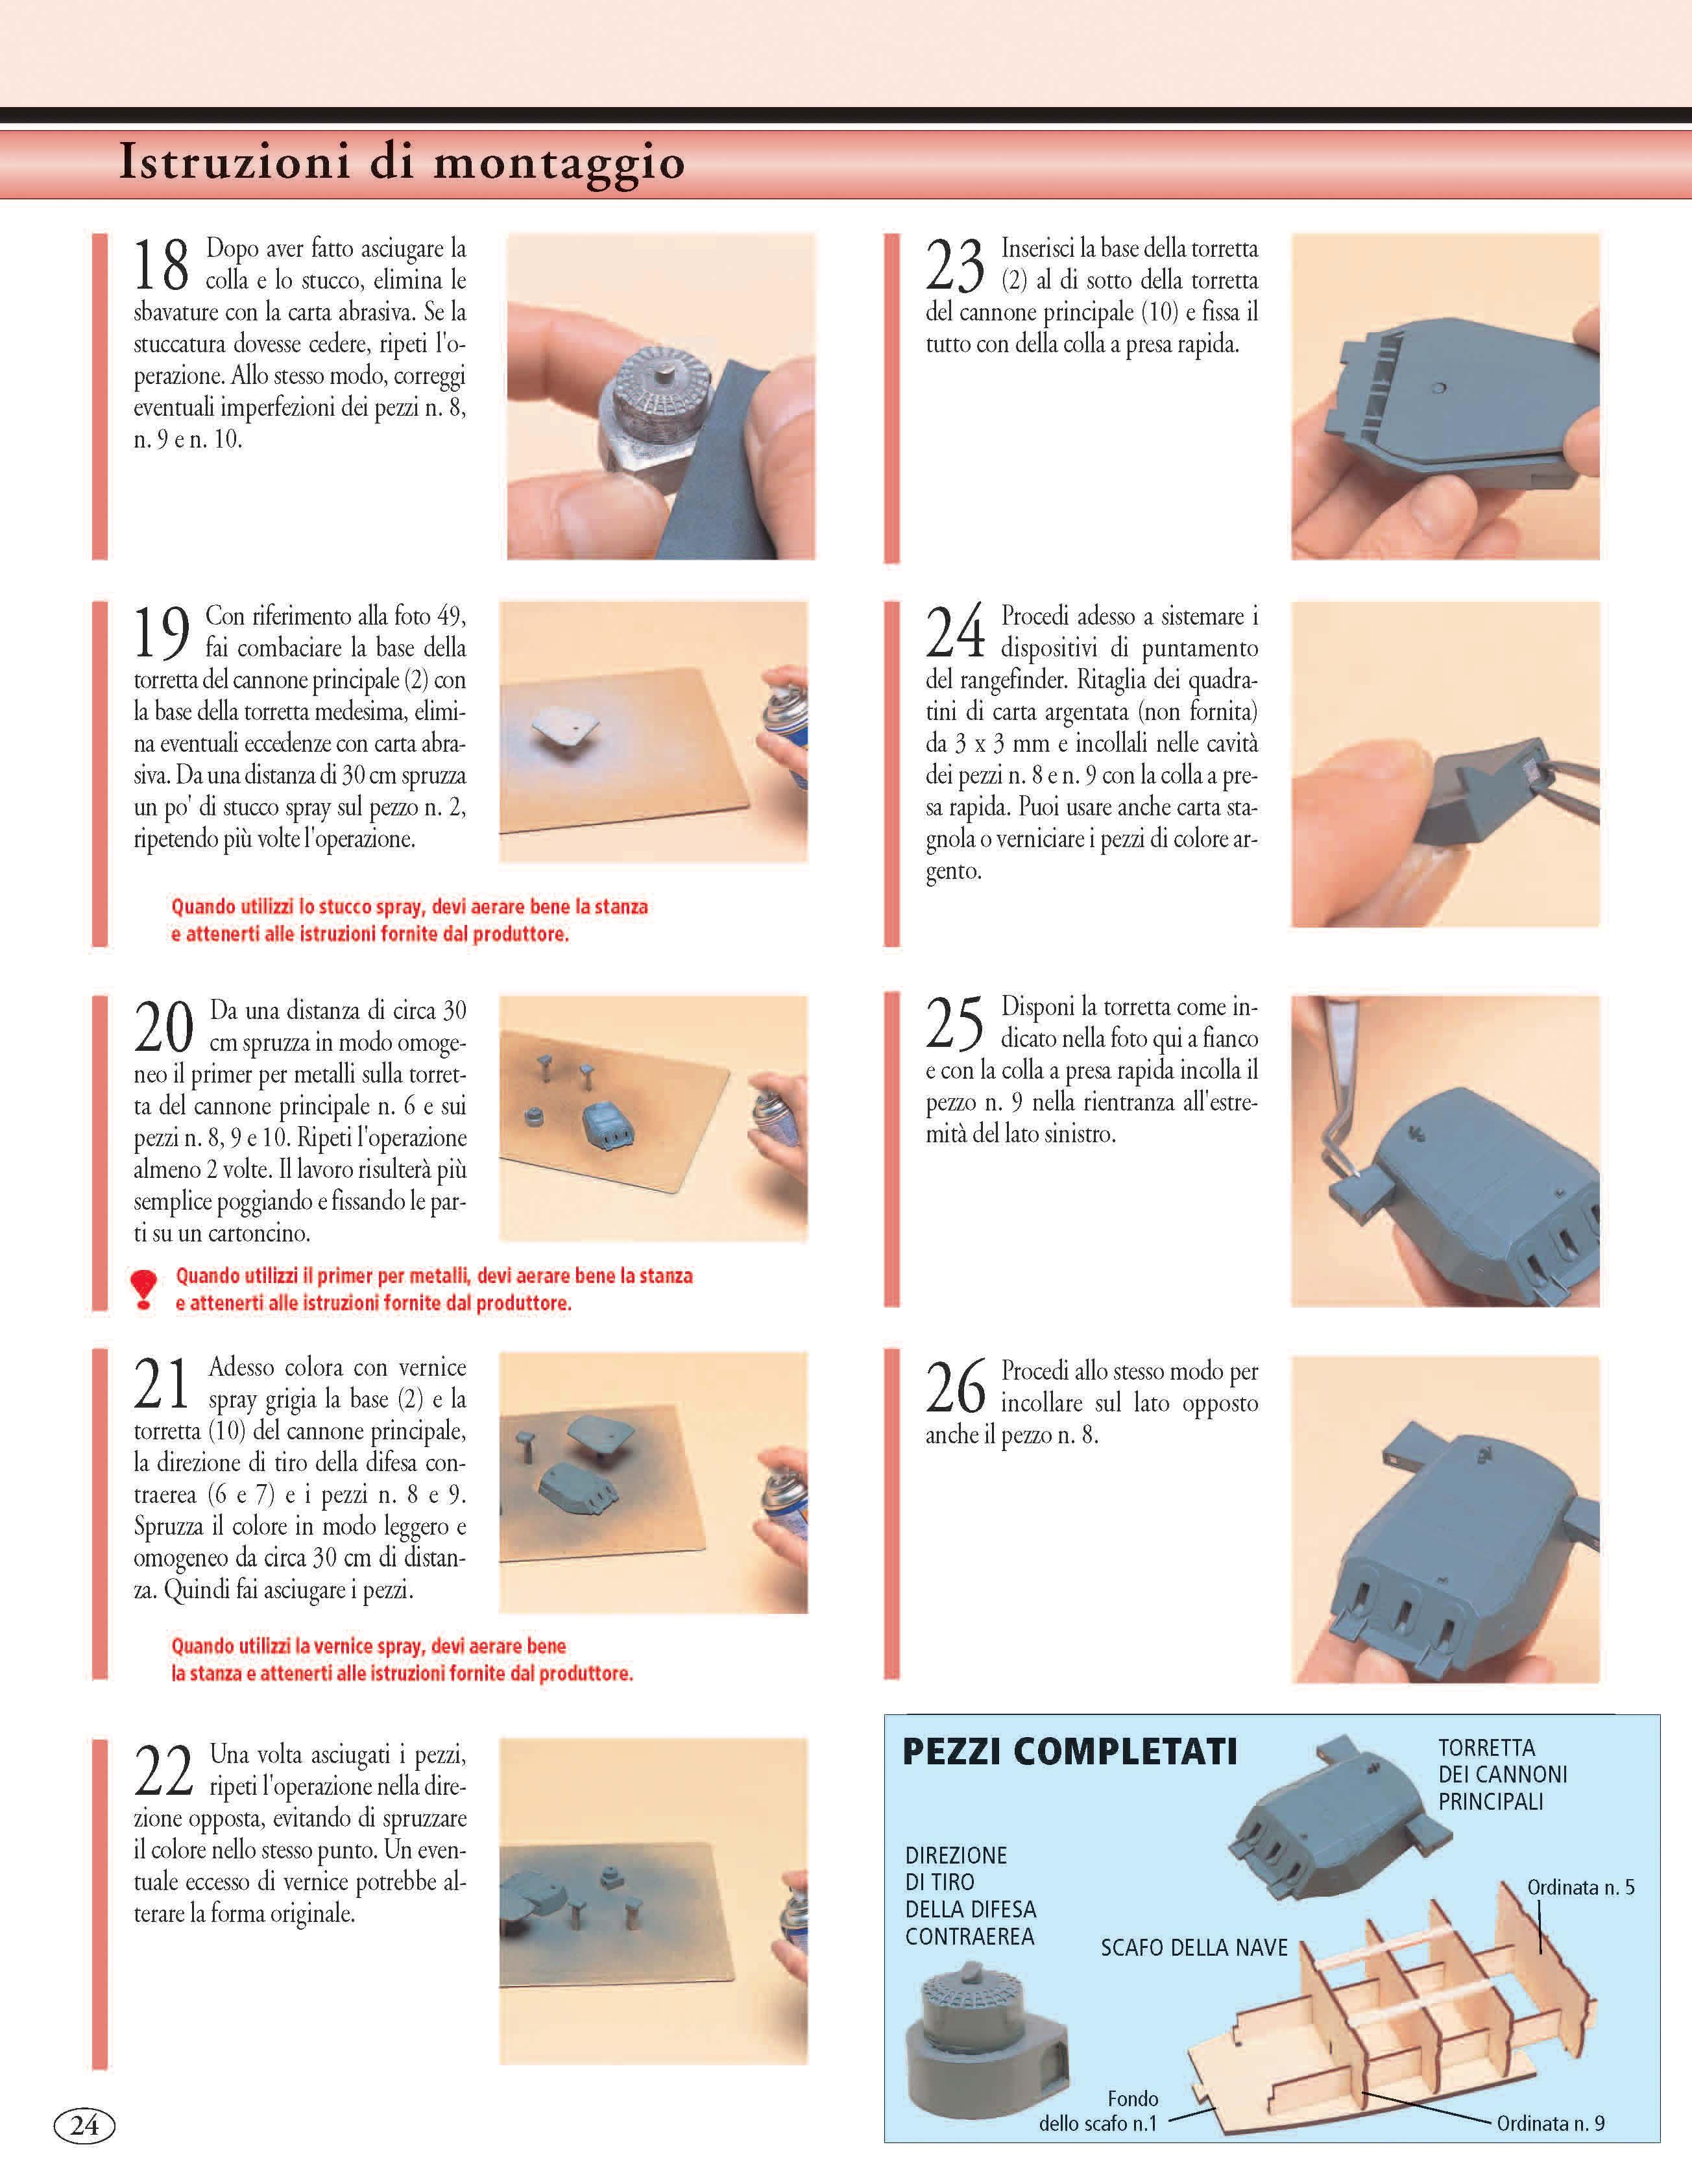 Yamato pagina 7